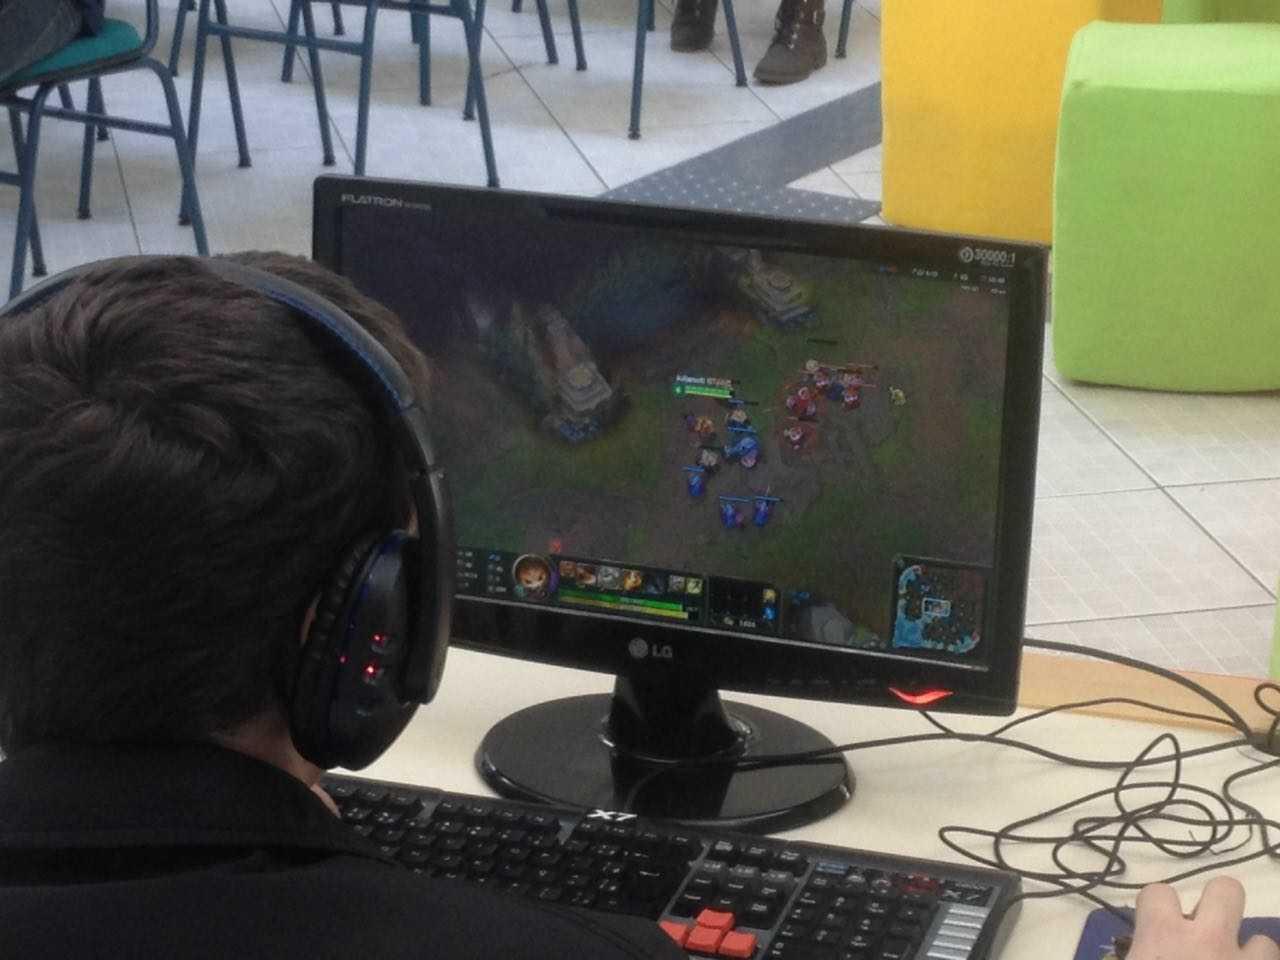 Atividade lúdica e interativa terá como resultado a produção de um jogo | Foto Divulgação/Fatenp